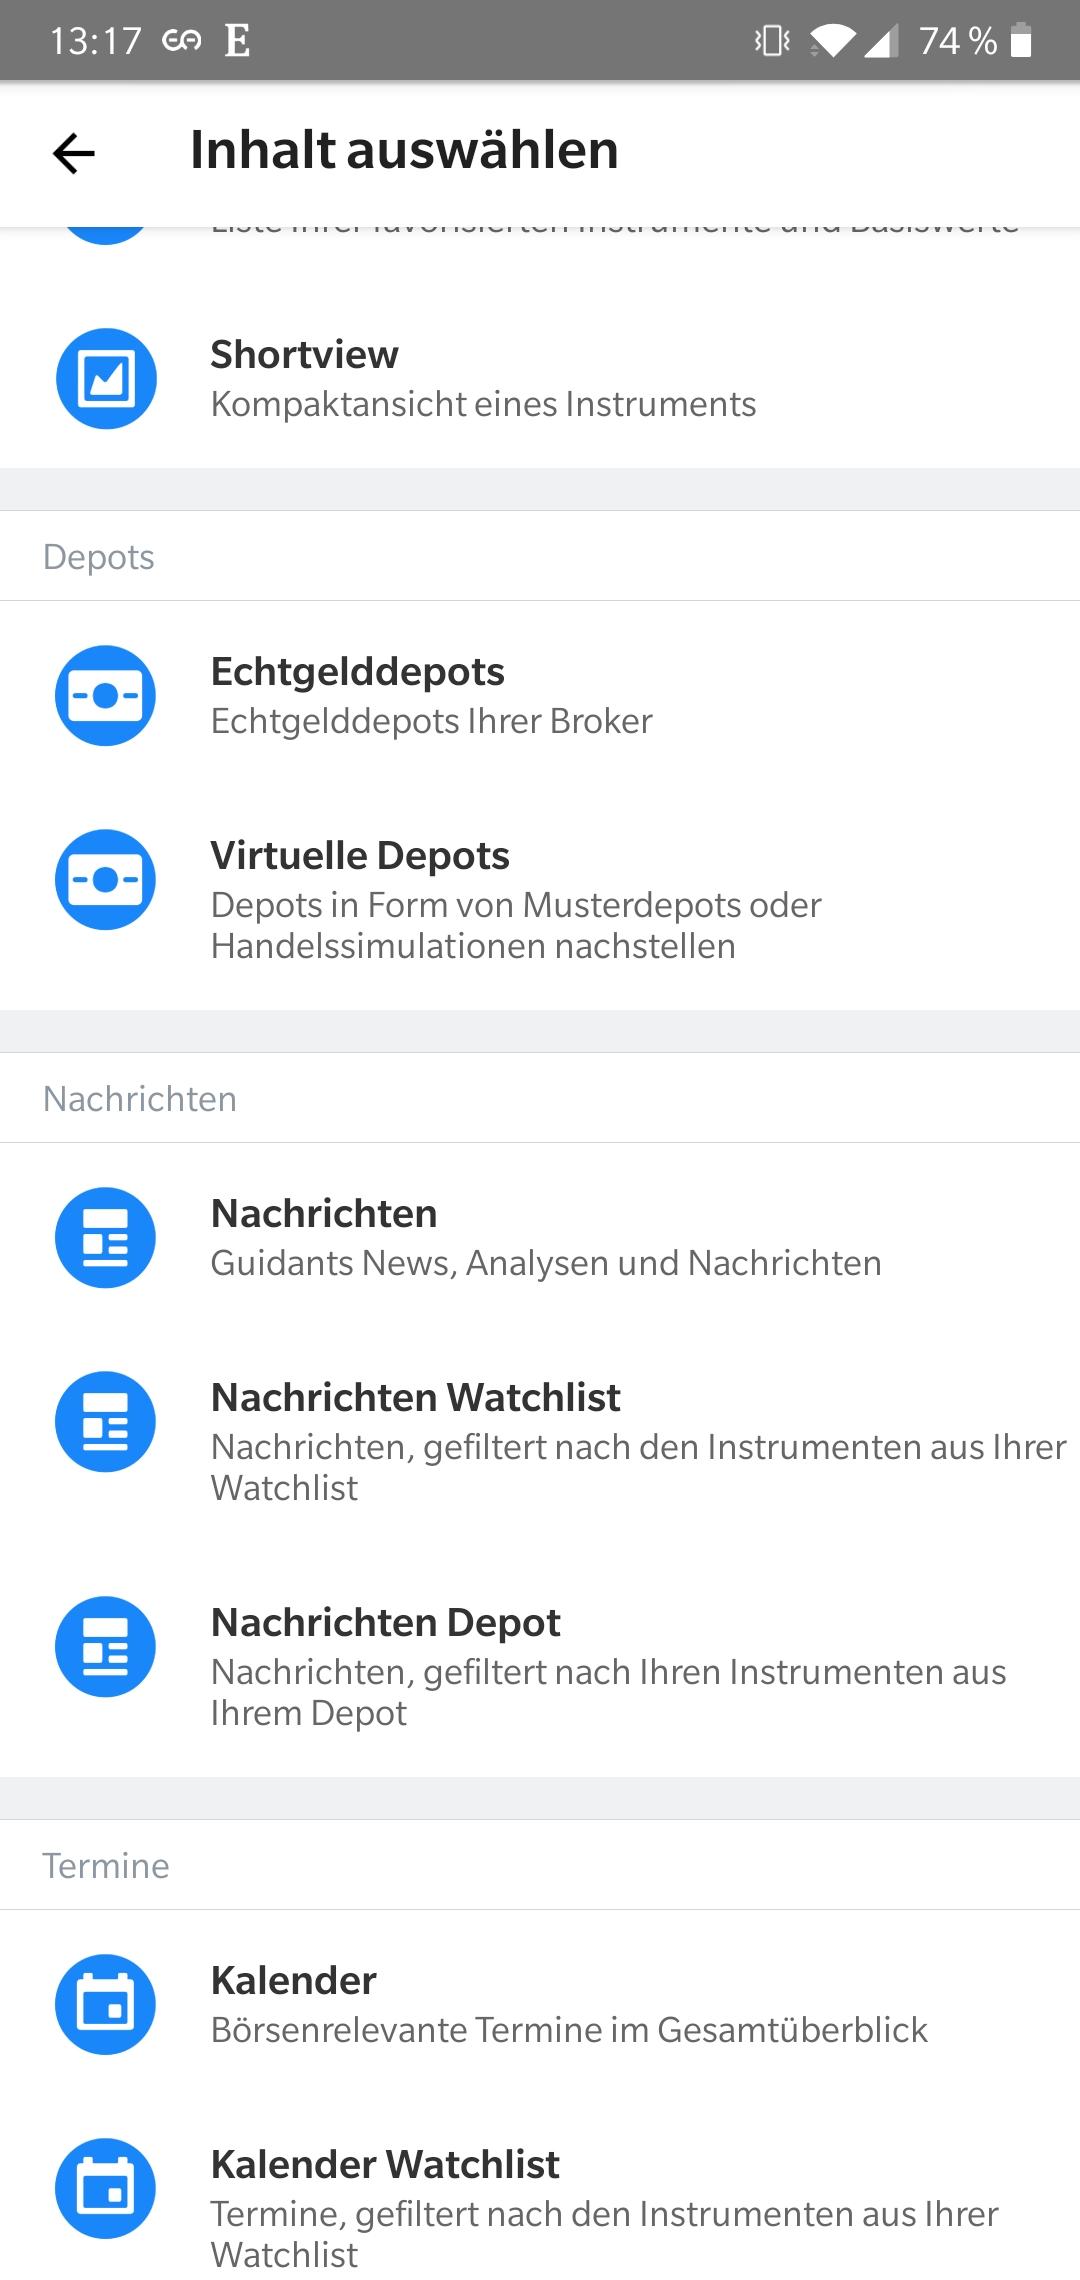 Guidants-App-So-richtet-man-sich-ein-Godmode-Dashboard-ein-Daniel-Kühn-GodmodeTrader.de-4